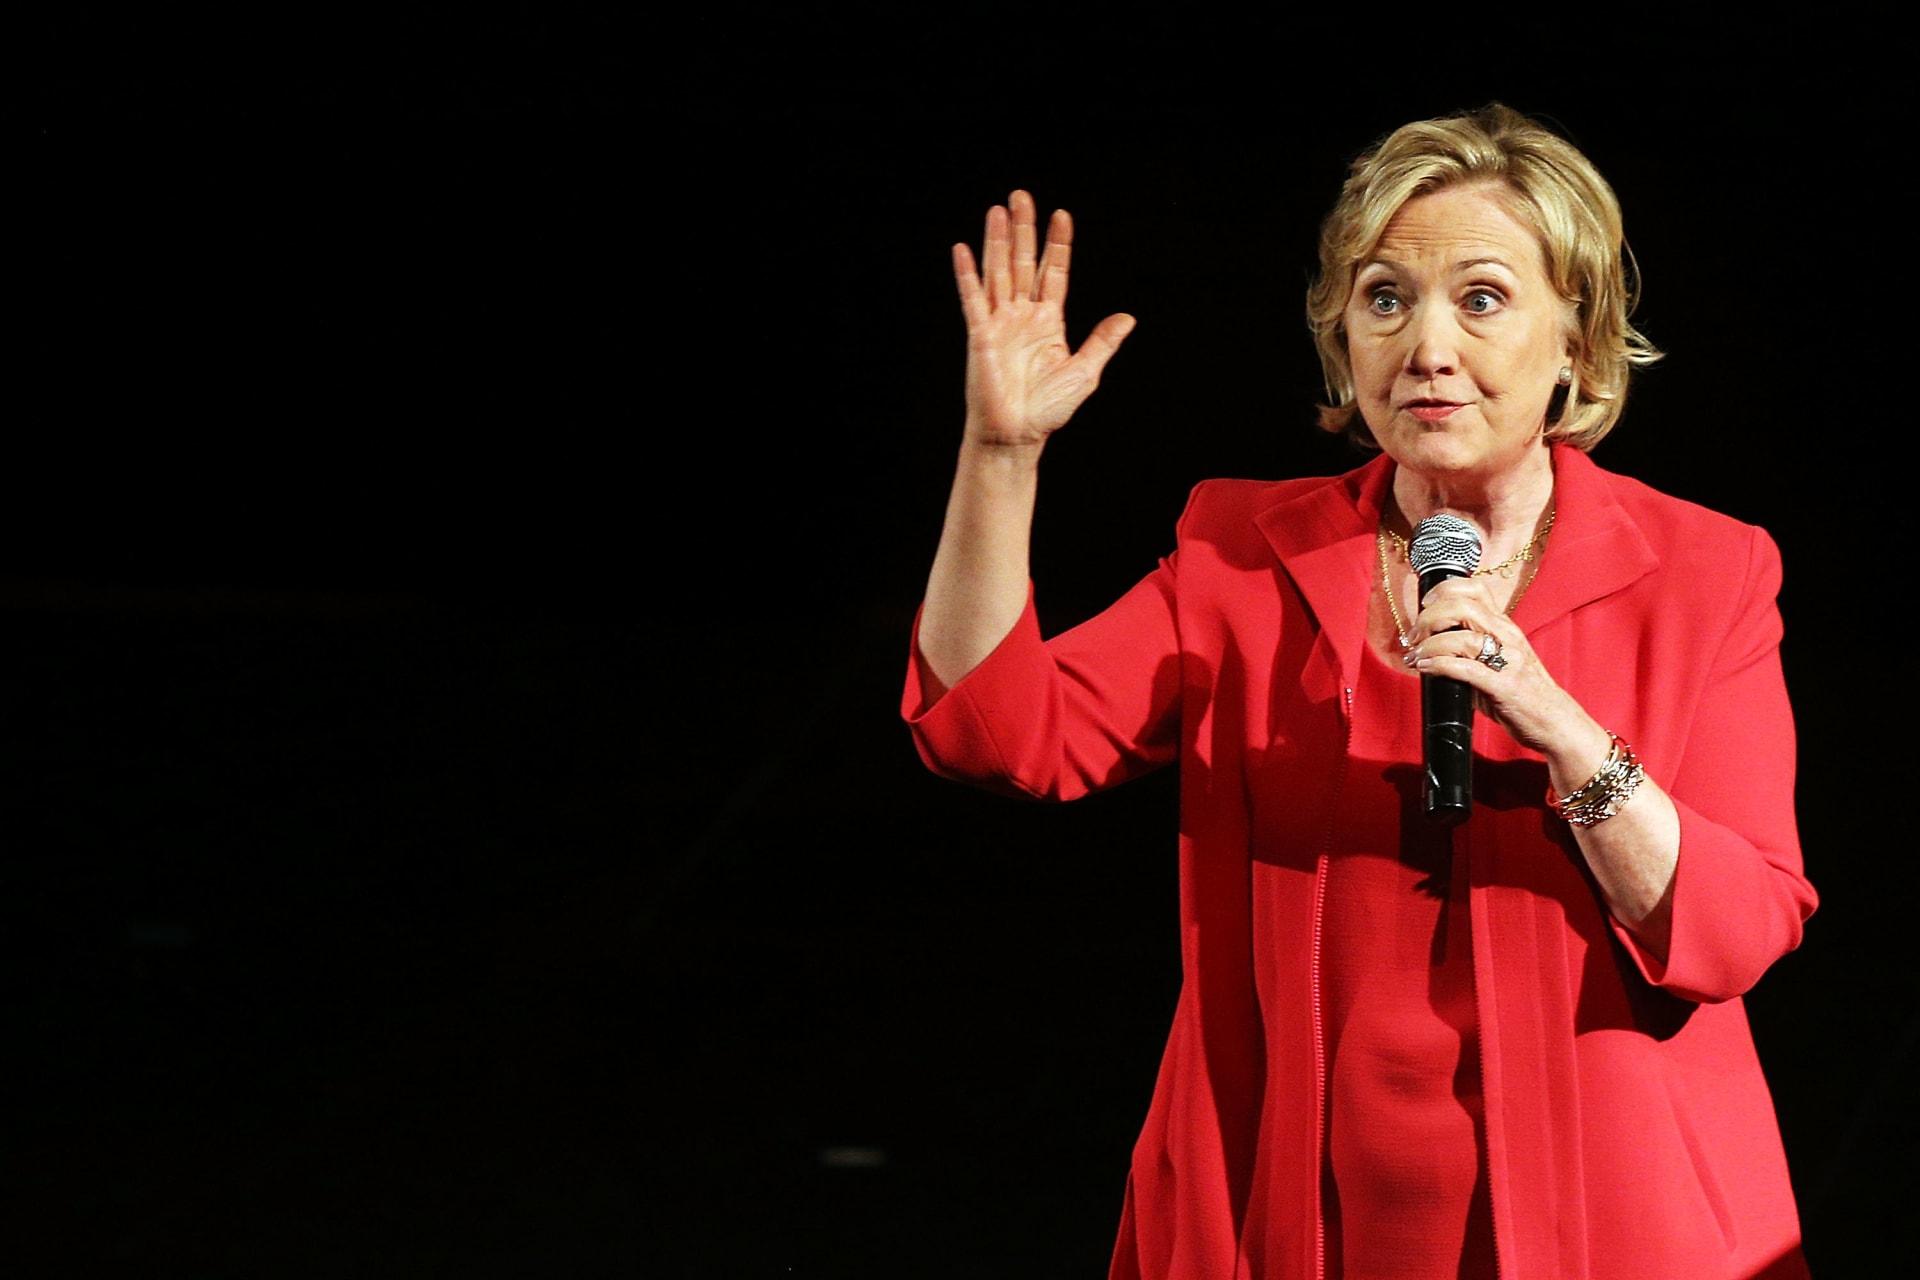 كلينتون: أنا المرشحة الوحيدة التي تستطيع هزيمة داعش.. وسأُبقي أمريكا آمنة